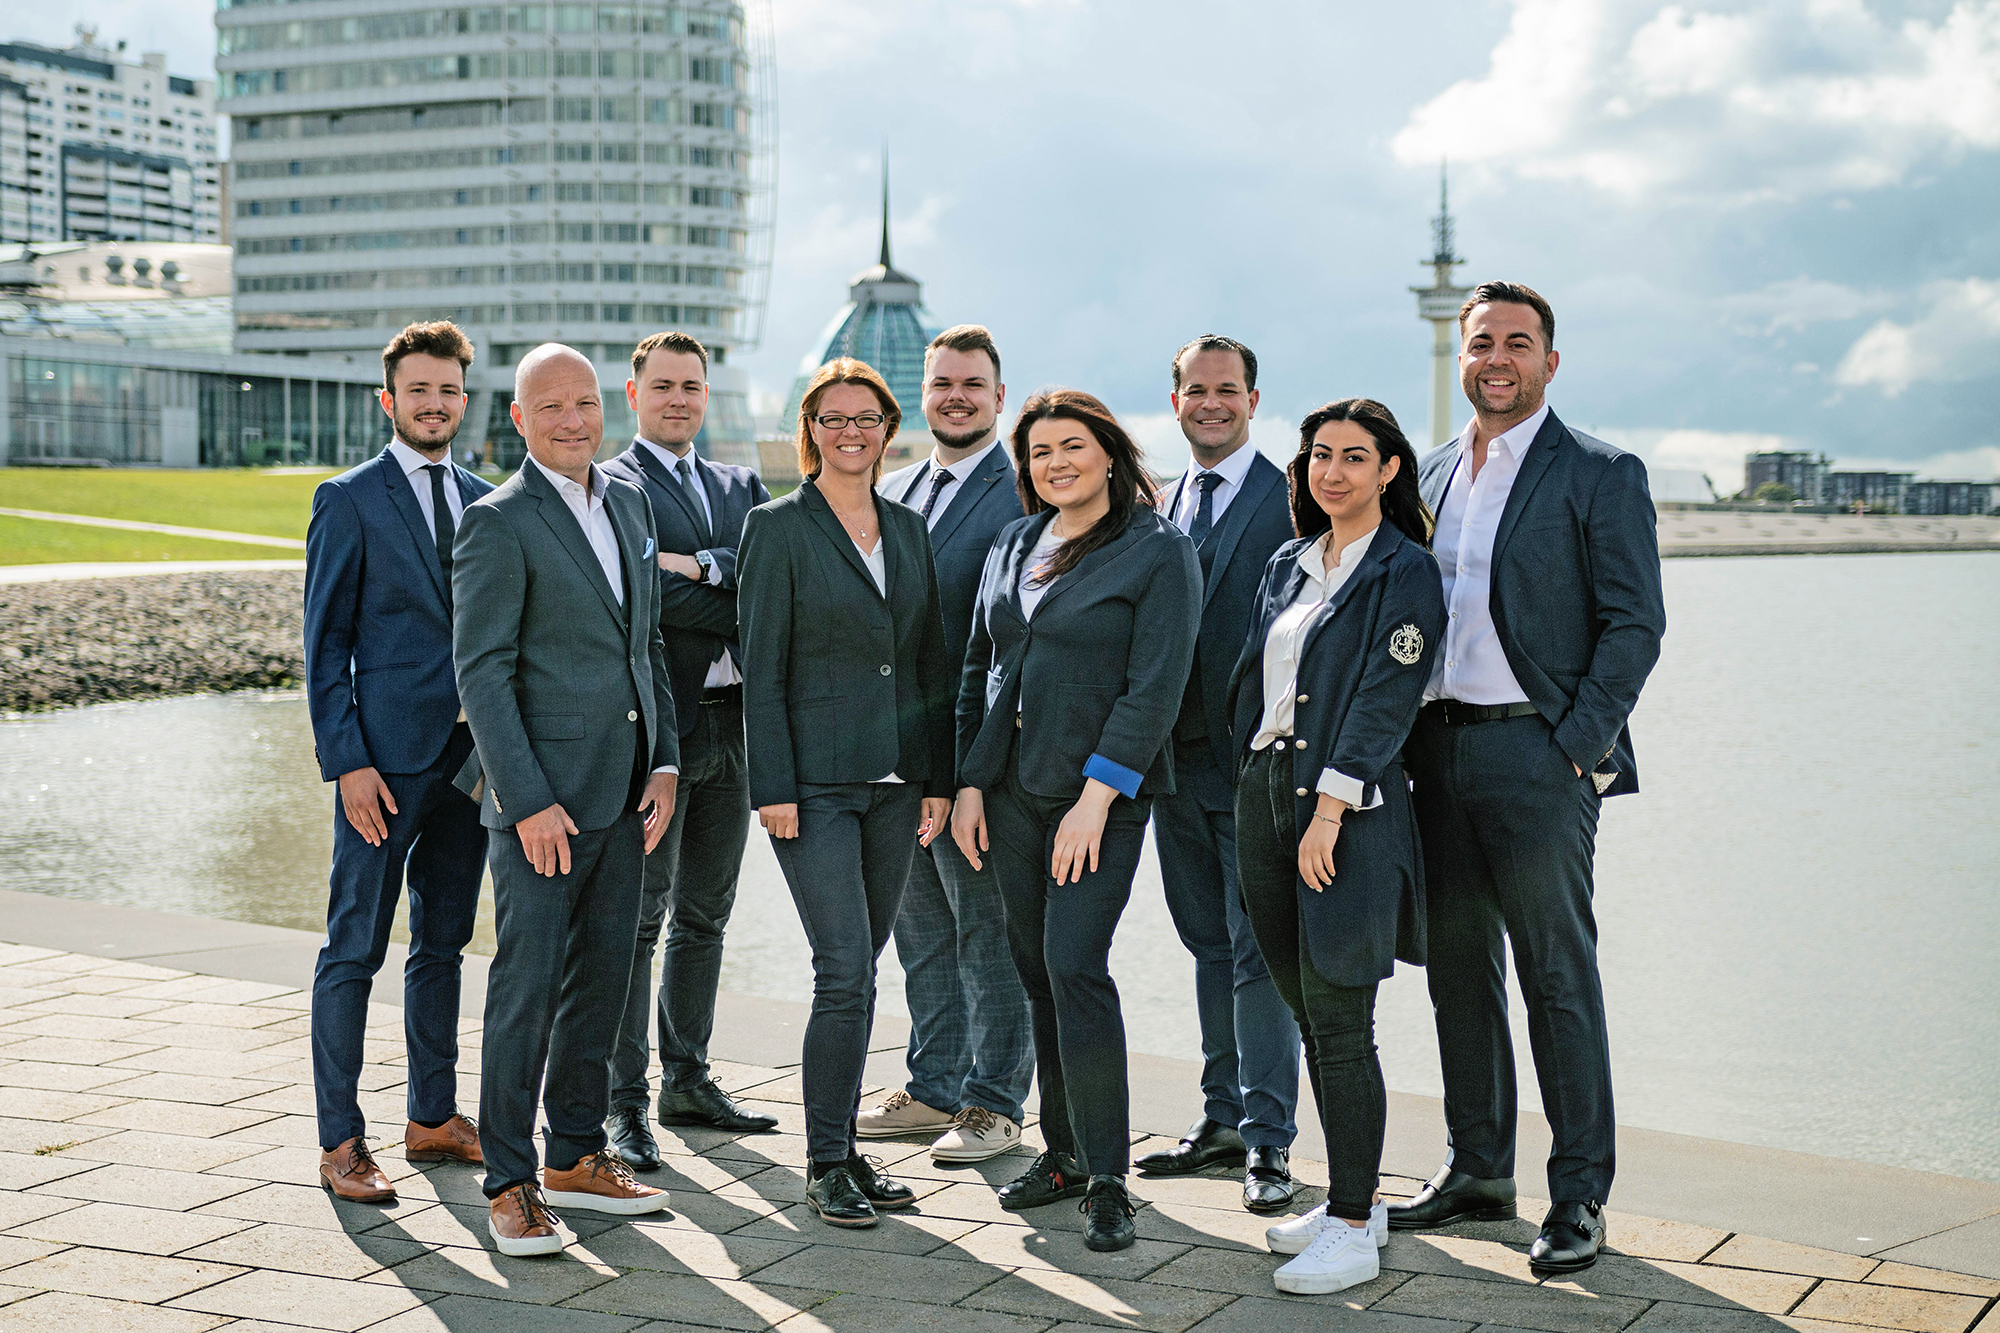 Polzin-Gezer Team Bremerhaven